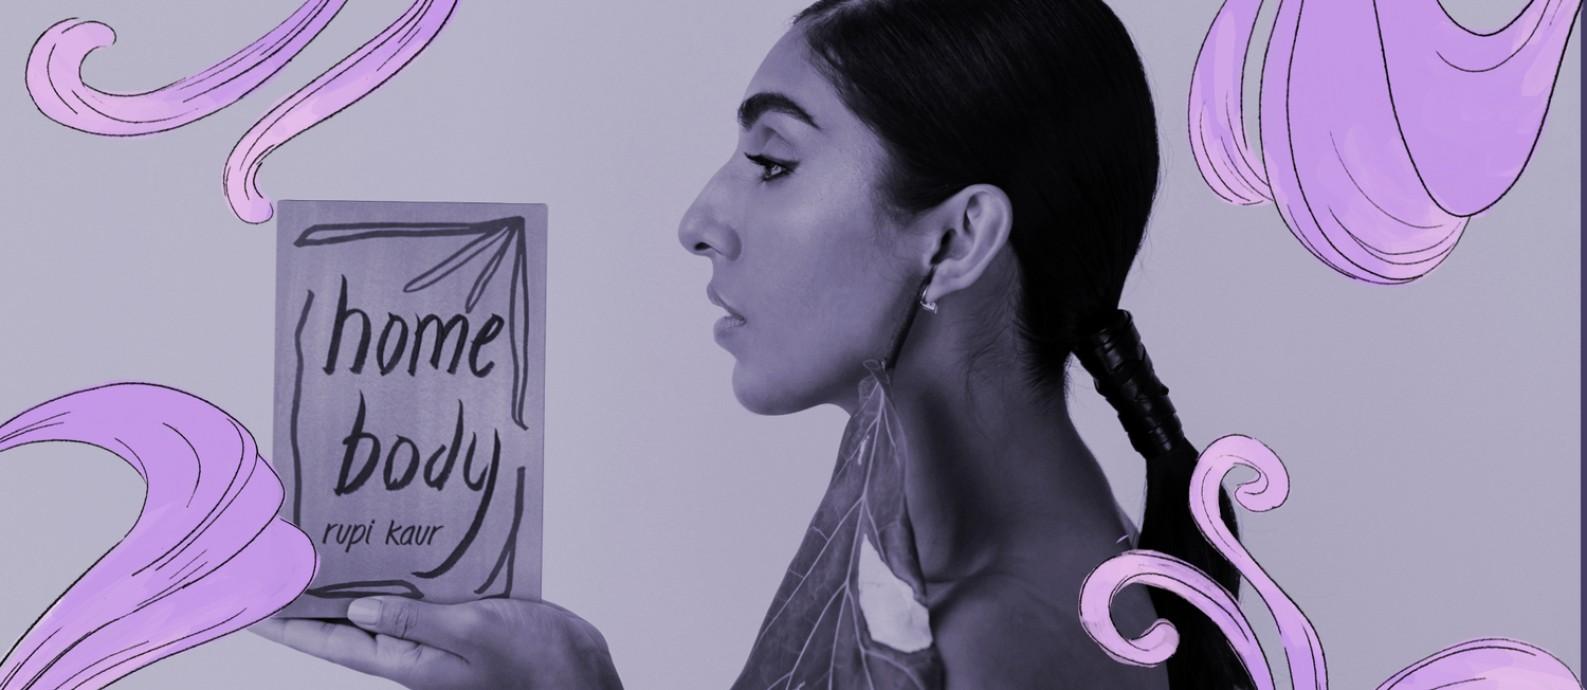 Rupi Kaur lança sua terceira coletânia de poemas 'Meu corpo minha casa' Foto: Divulgação